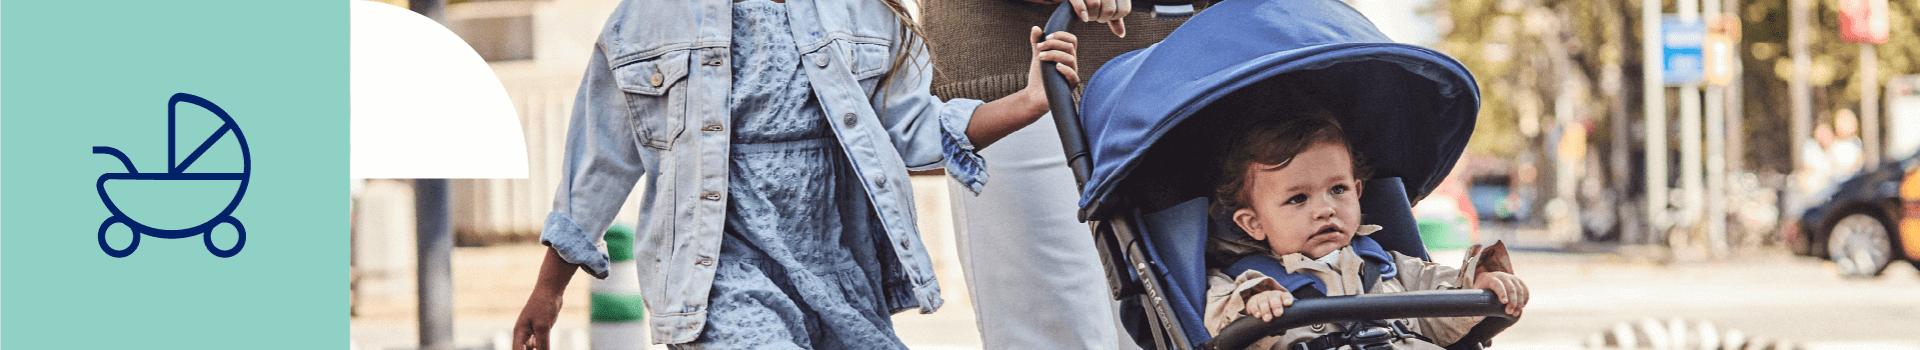 Poussettes Jané | Les meilleures poussettes de bébé | Janéworld